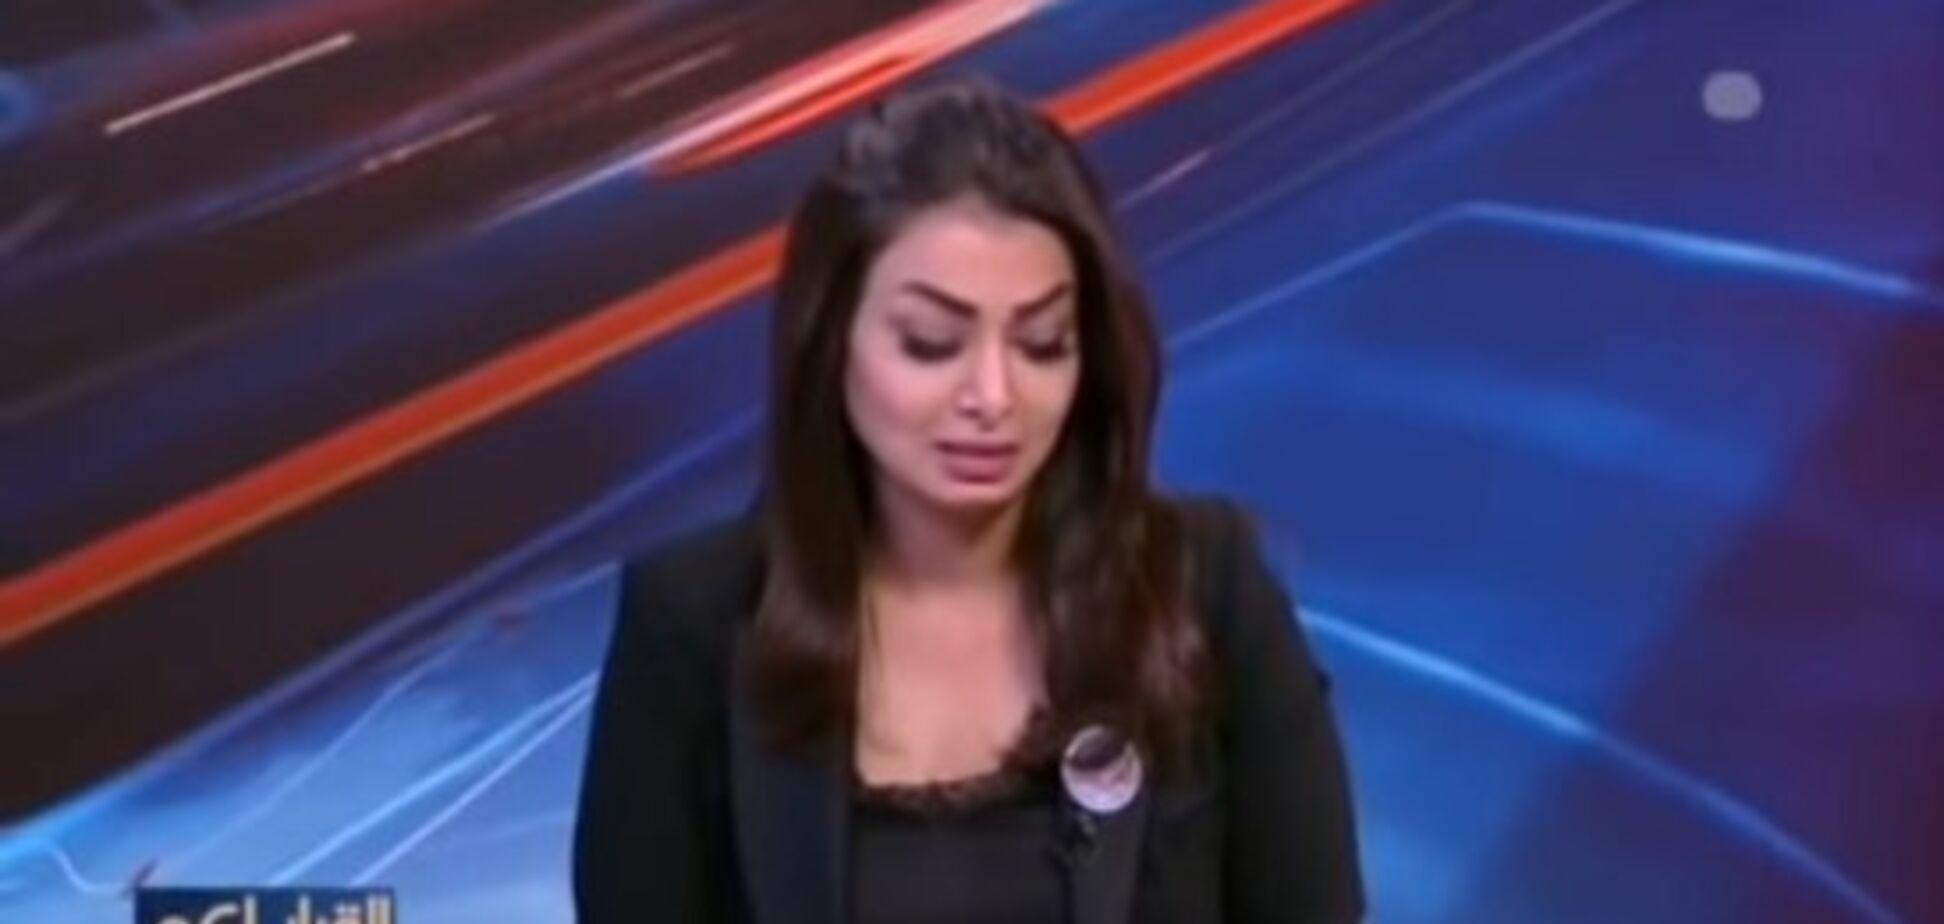 Ведущая новостей во время прямого эфира узнала об убийстве брата: трогательное видео